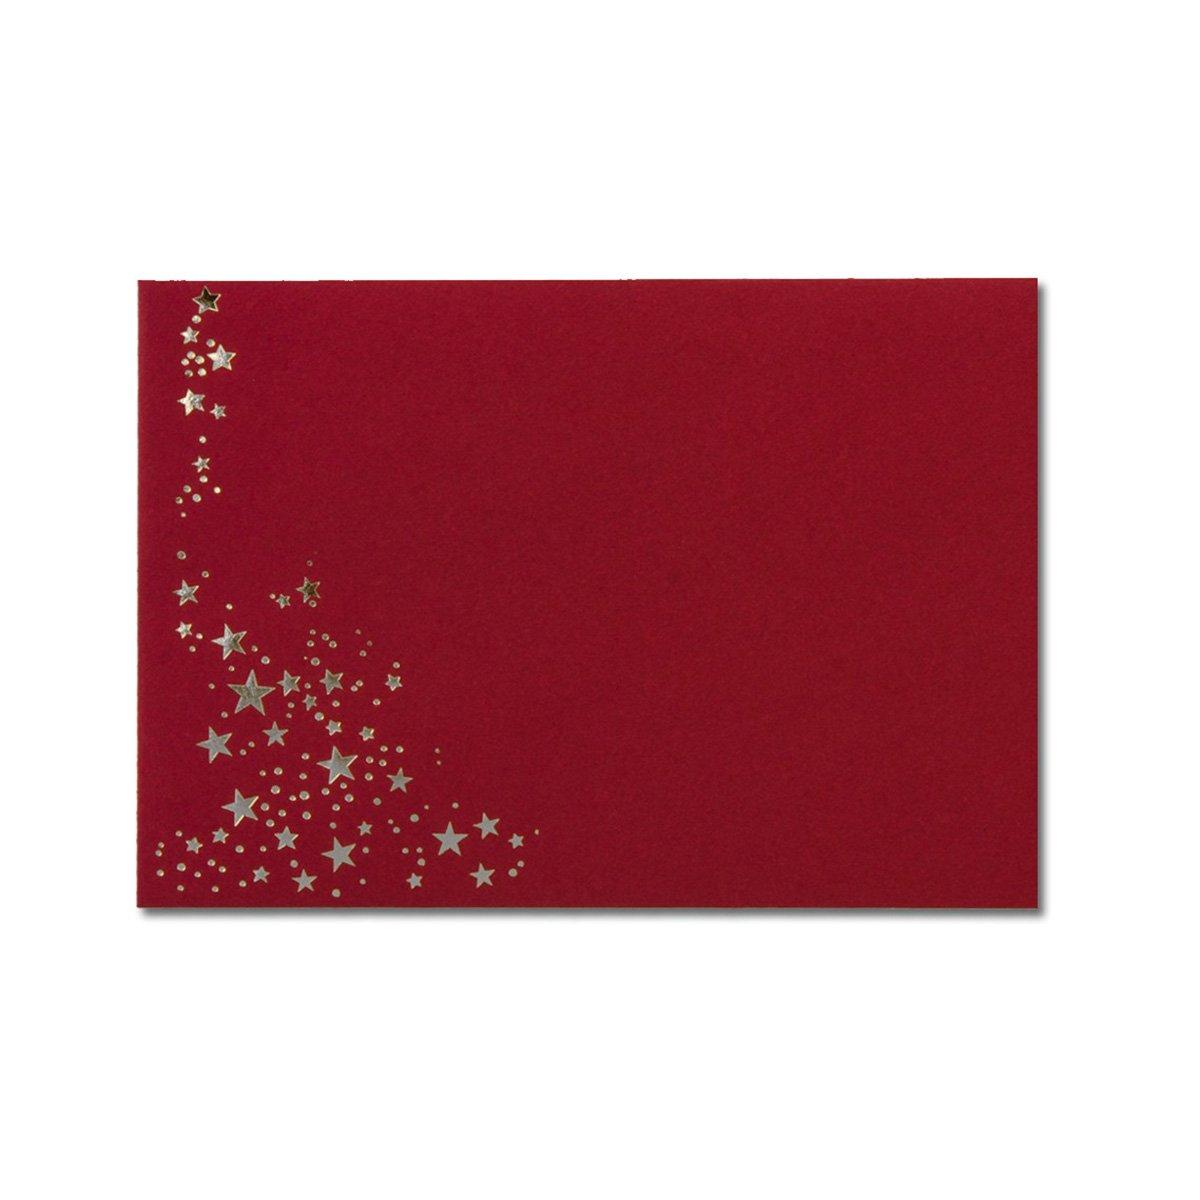 300x Weihnachts-Briefumschläge   DIN C6 C6 C6   mit Gold-Metallic geprägtem Sternenregen  Farbe  Sandbraun  Nassklebung, 120 g m²   114 x 162 mm   Marke  GUSTAV NEUSER® B07CHK1Z74   Zuverlässige Qualität    Auktion    Bekannt für seine gute f7272d